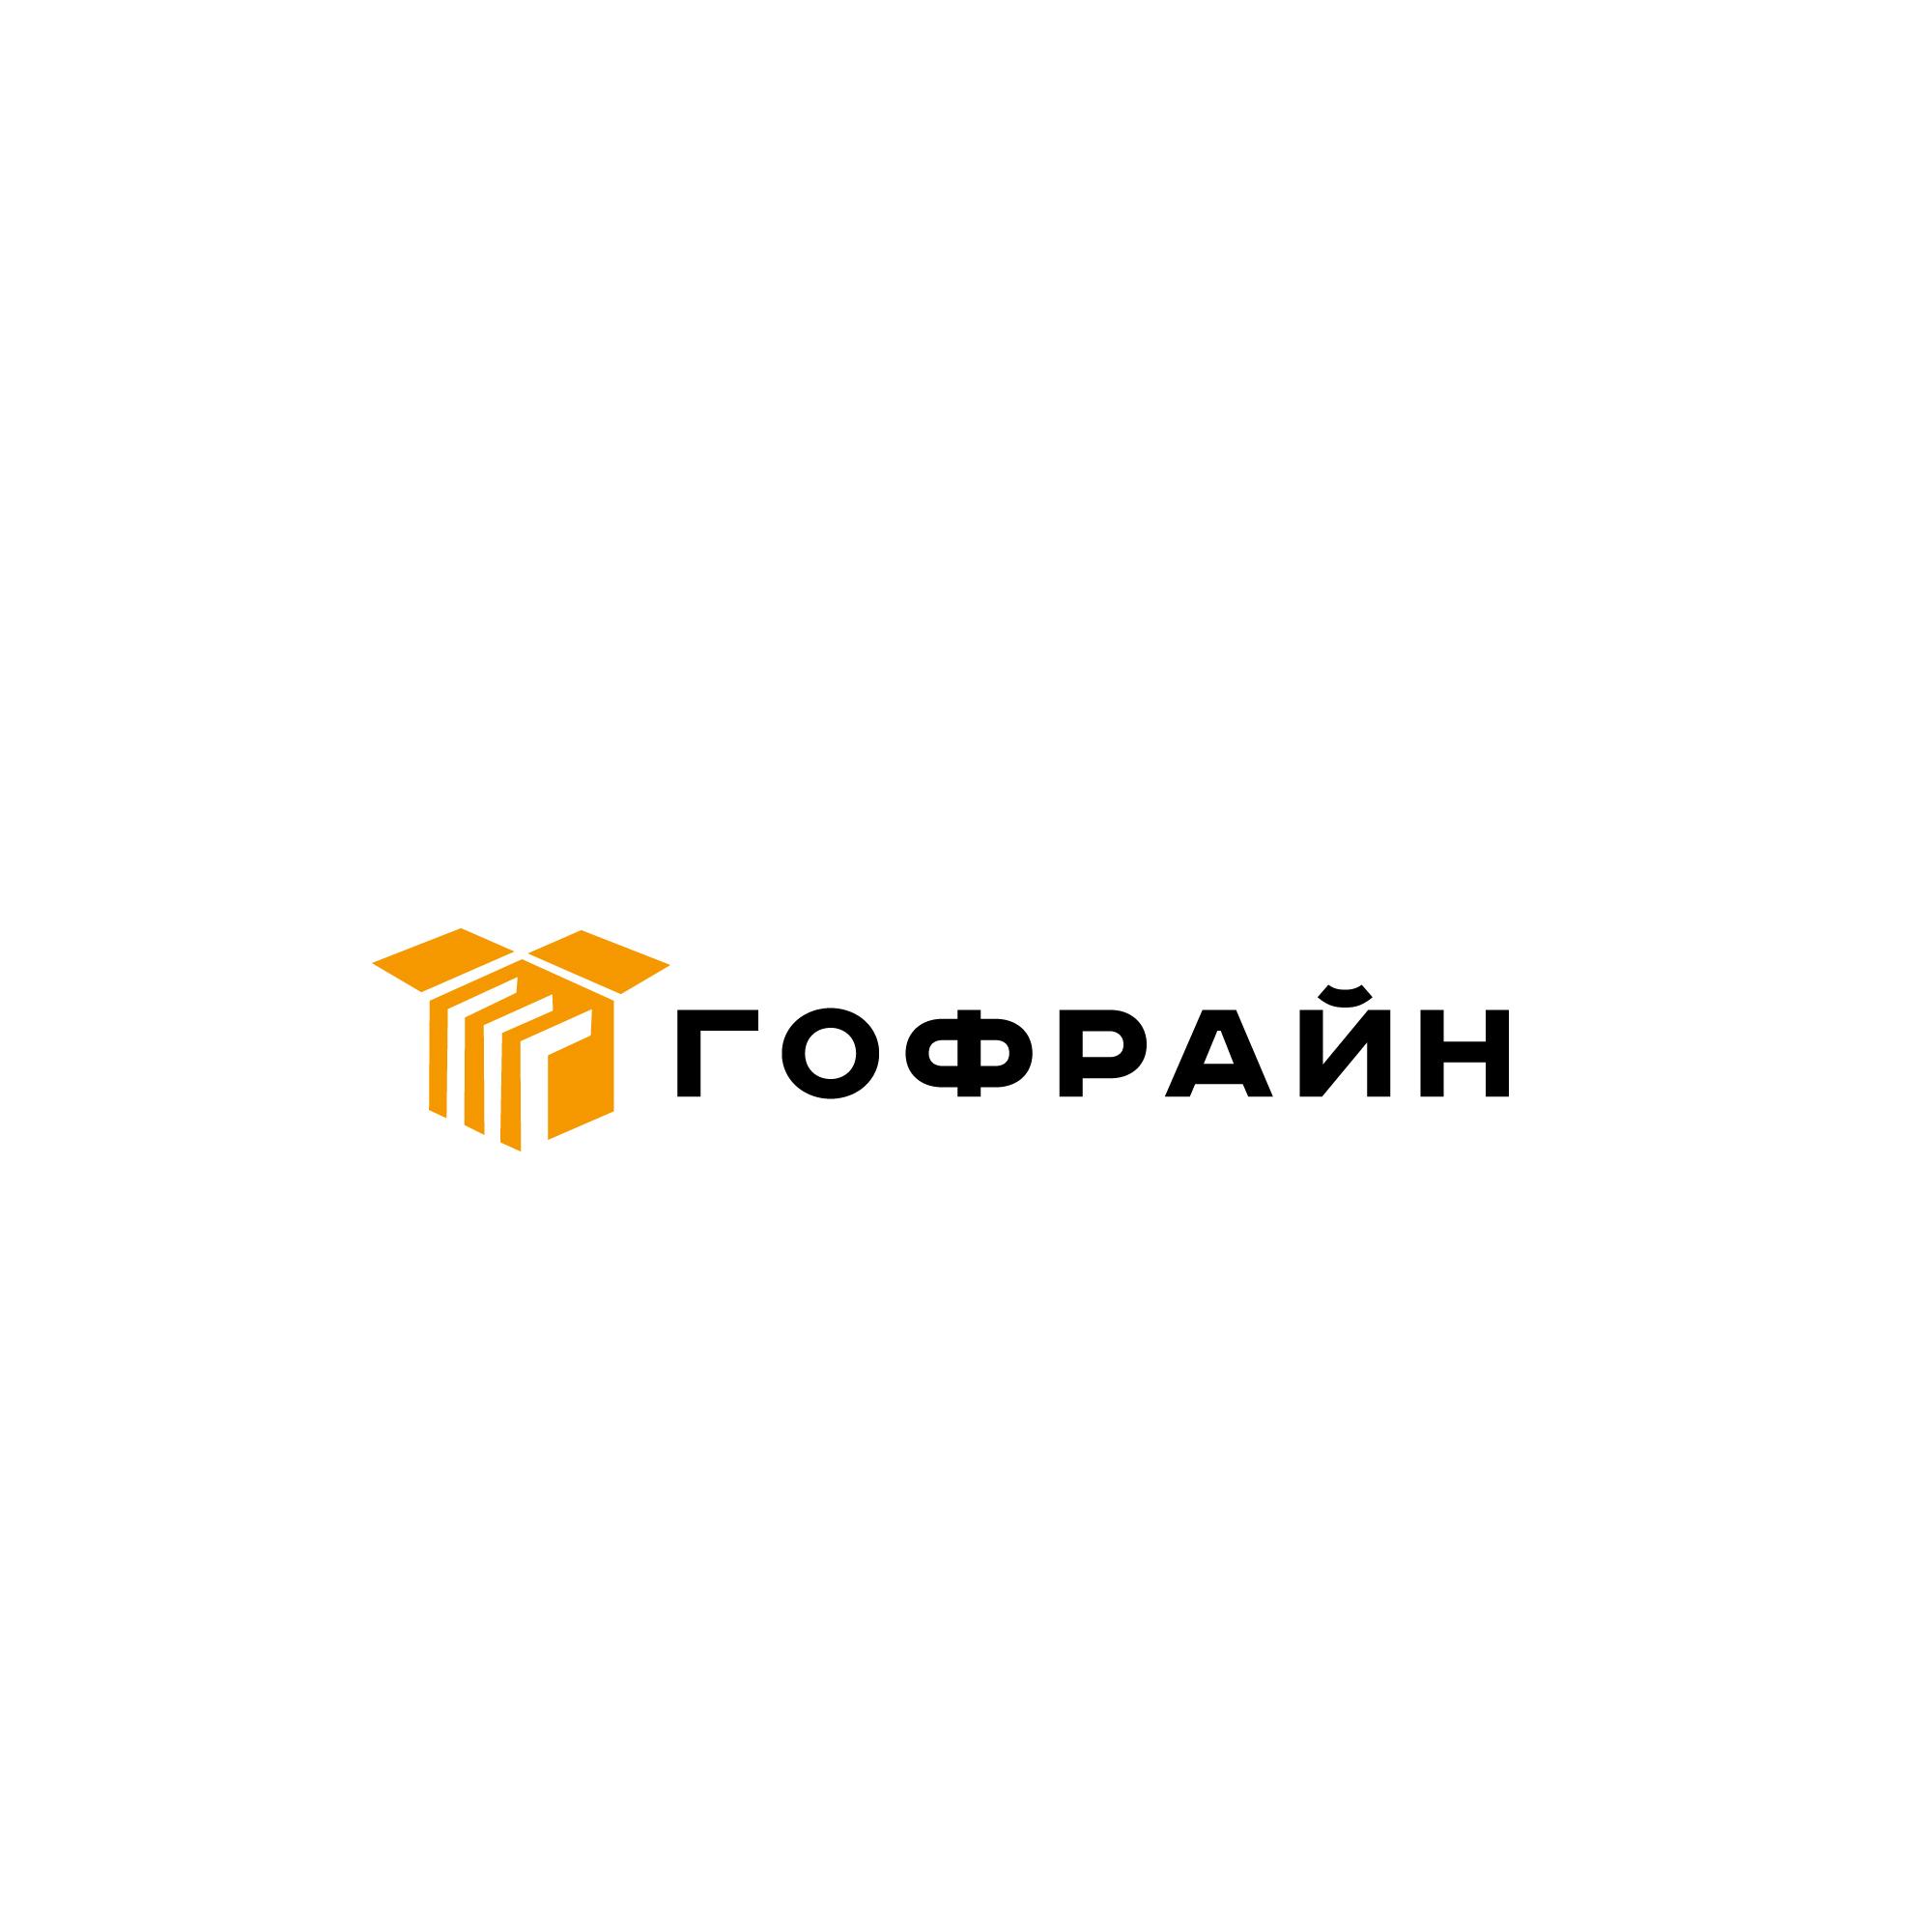 Логотип для компании по реализации упаковки из гофрокартона фото f_8725ce271c5e7730.jpg